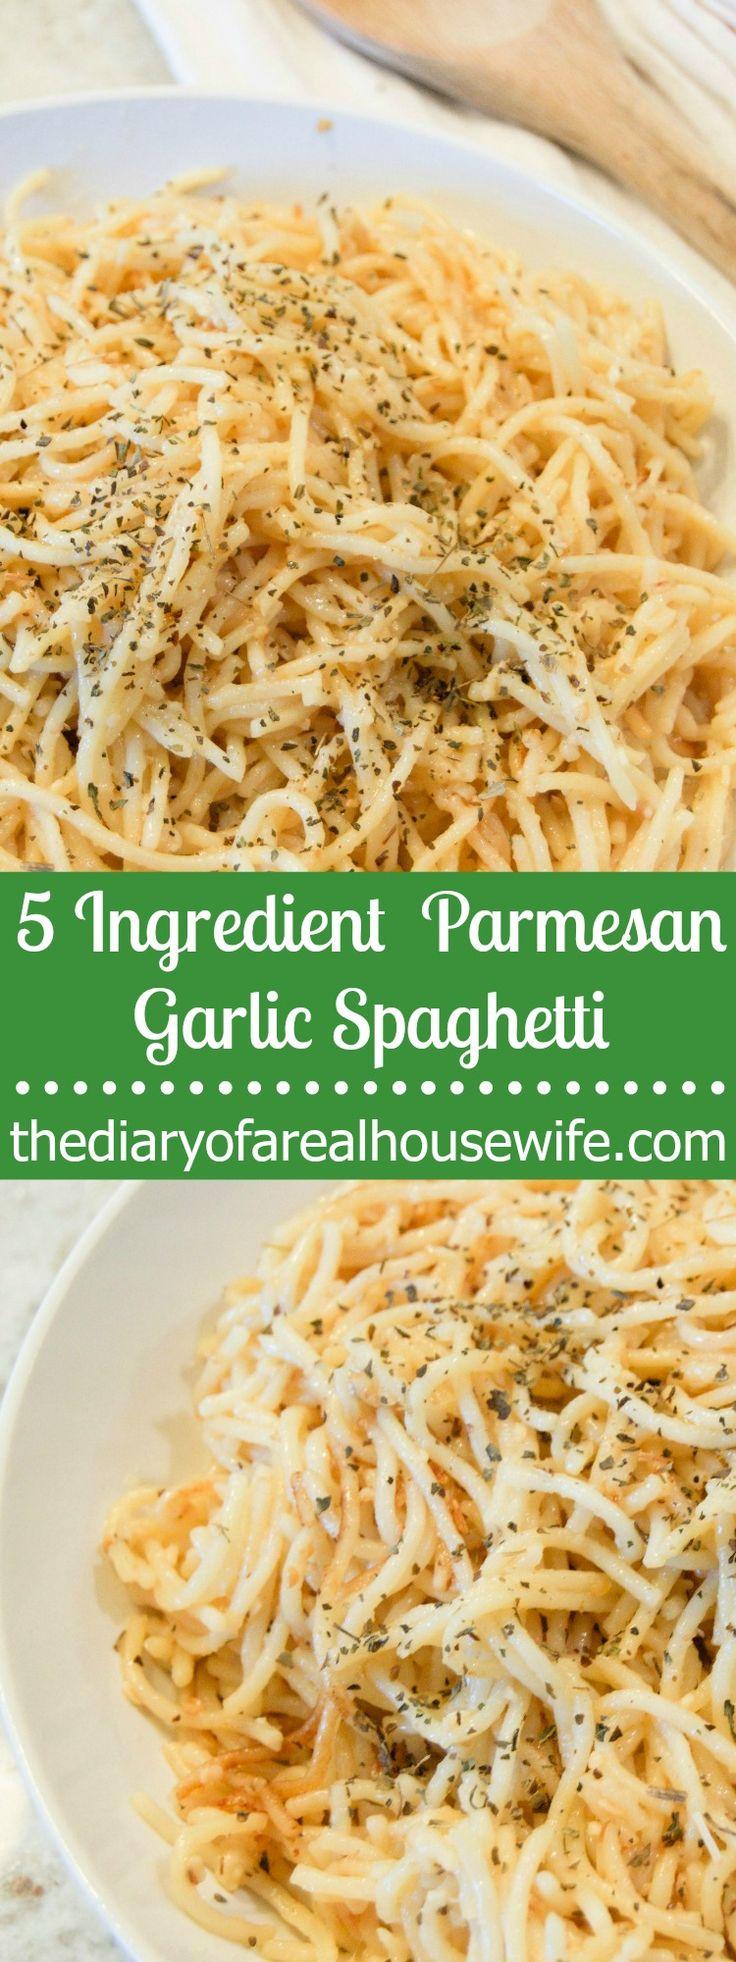 5 Ingredient Parmesan Garlic Spaghetti